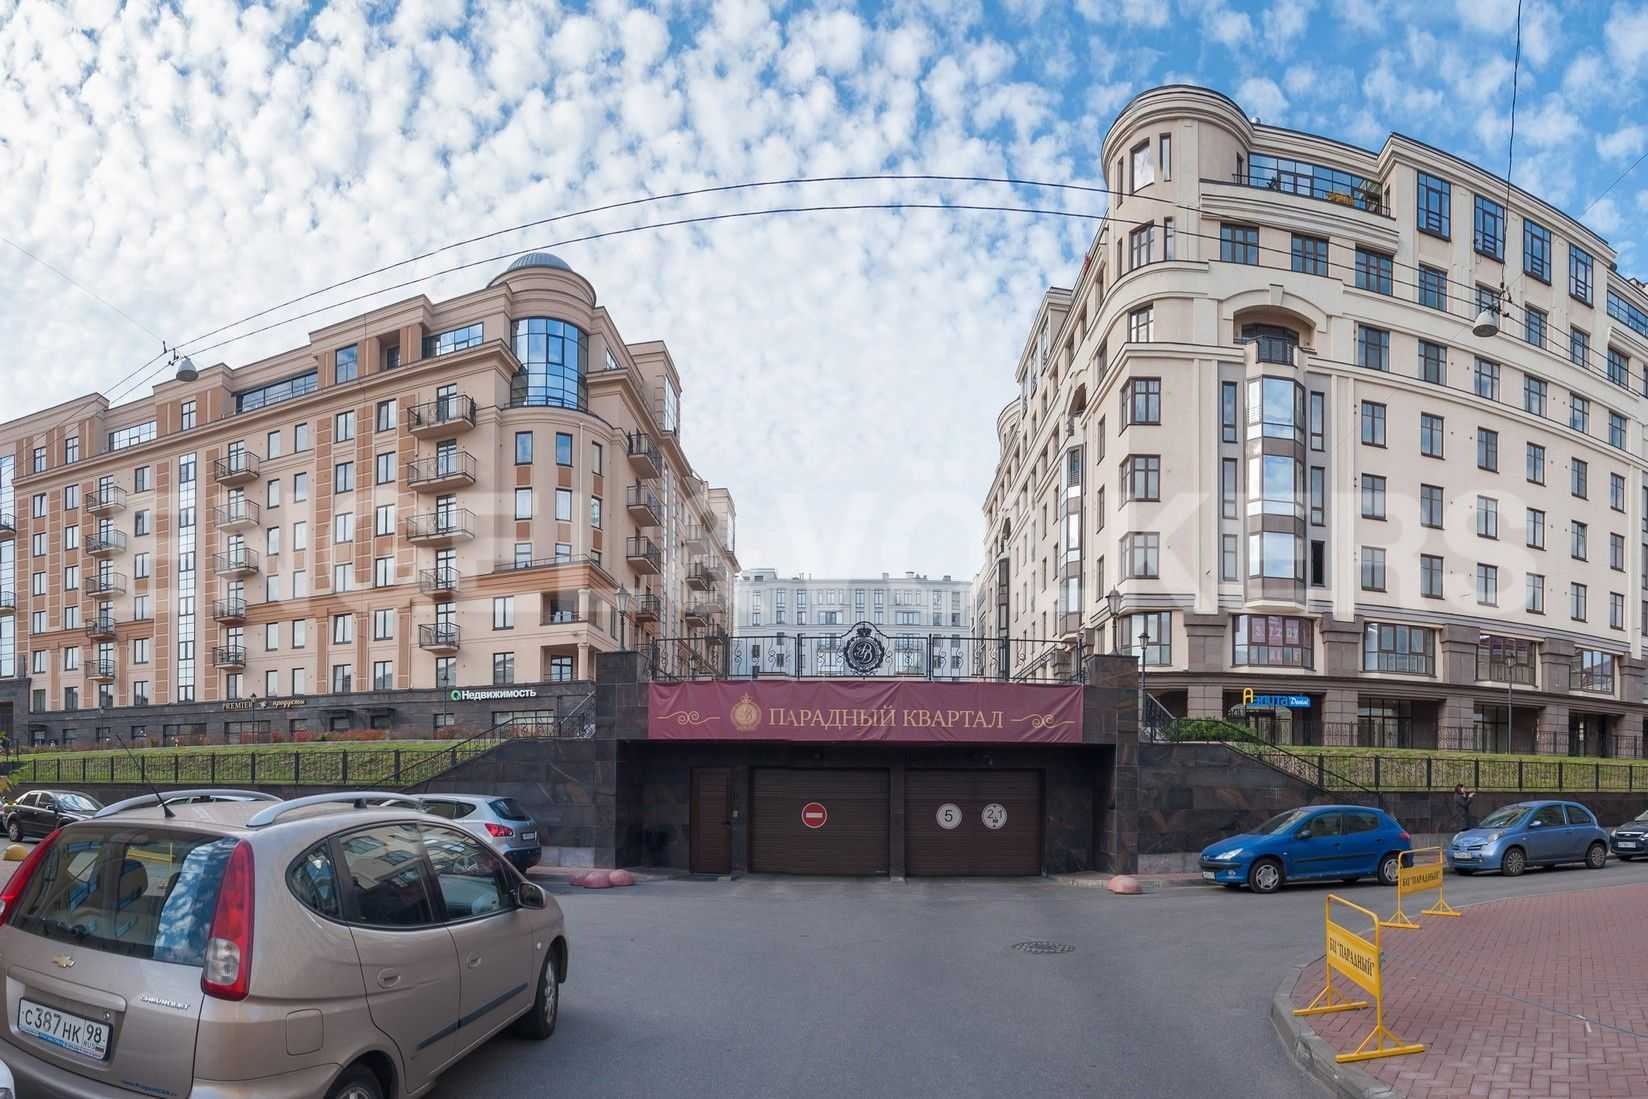 Элитные квартиры в Центральном районе. Санкт-Петербург, Парадная, 3. Въезд в подземный паркинг комплекса